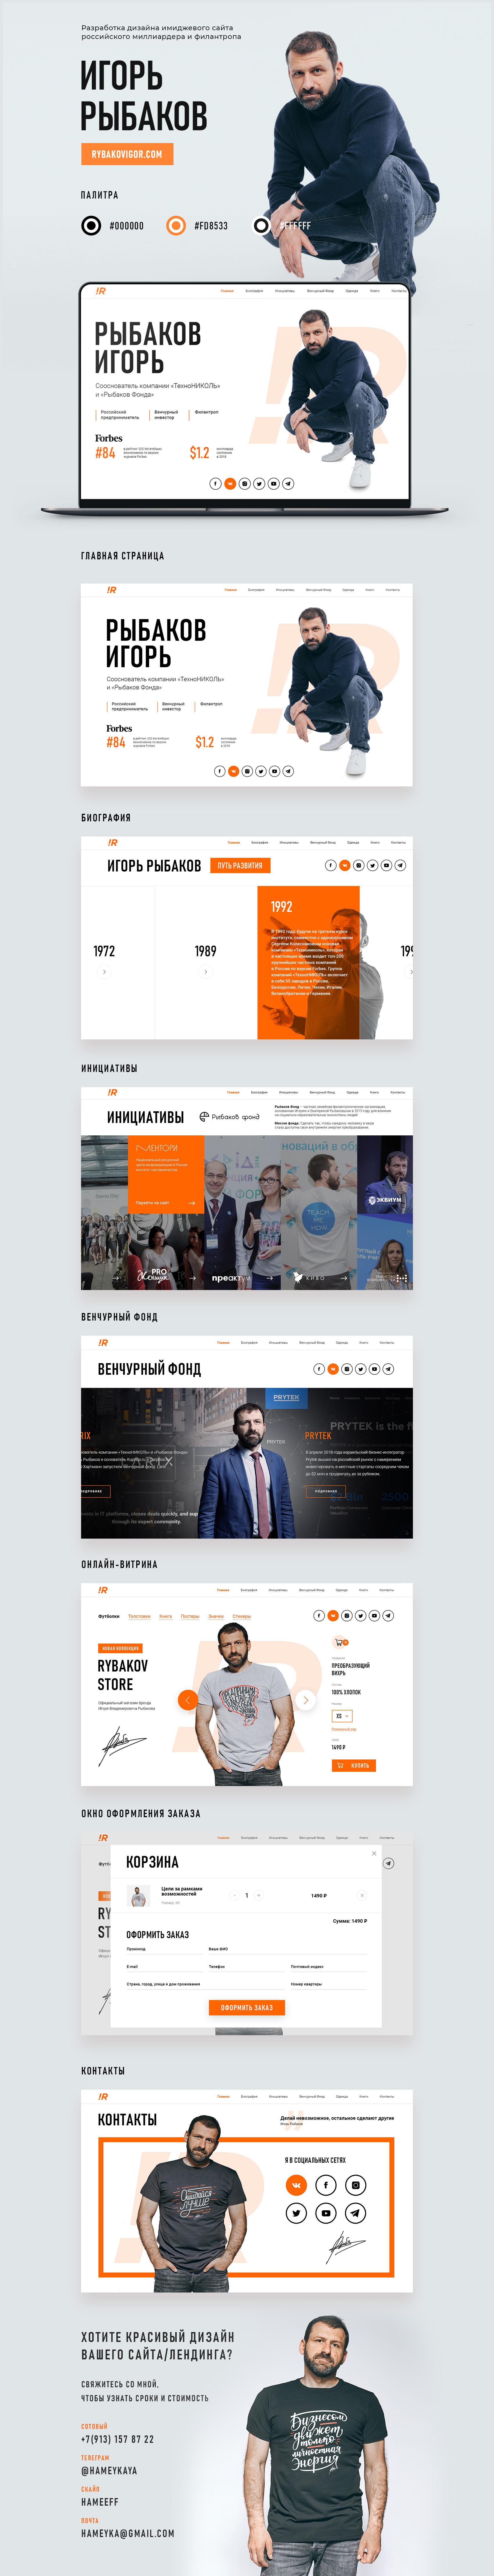 Игорь Рыбаков - официальный сайт российского миллиардера